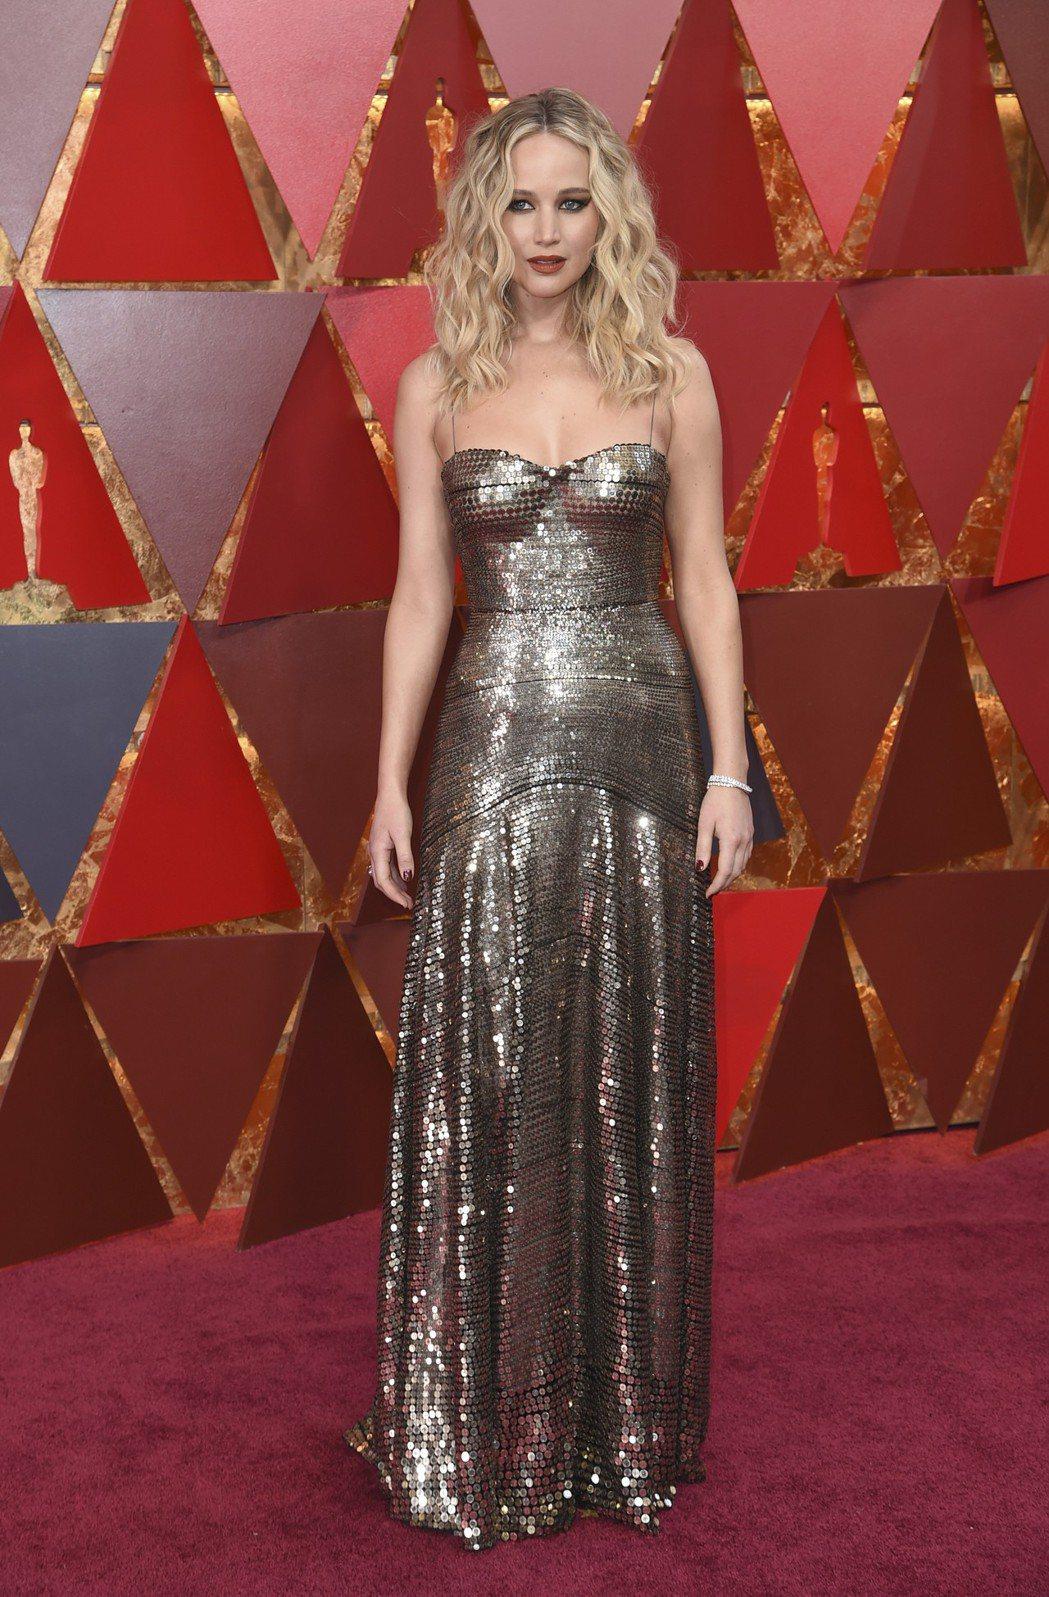 珍妮佛羅倫斯穿著Dior金屬光澤禮服。圖/美聯社